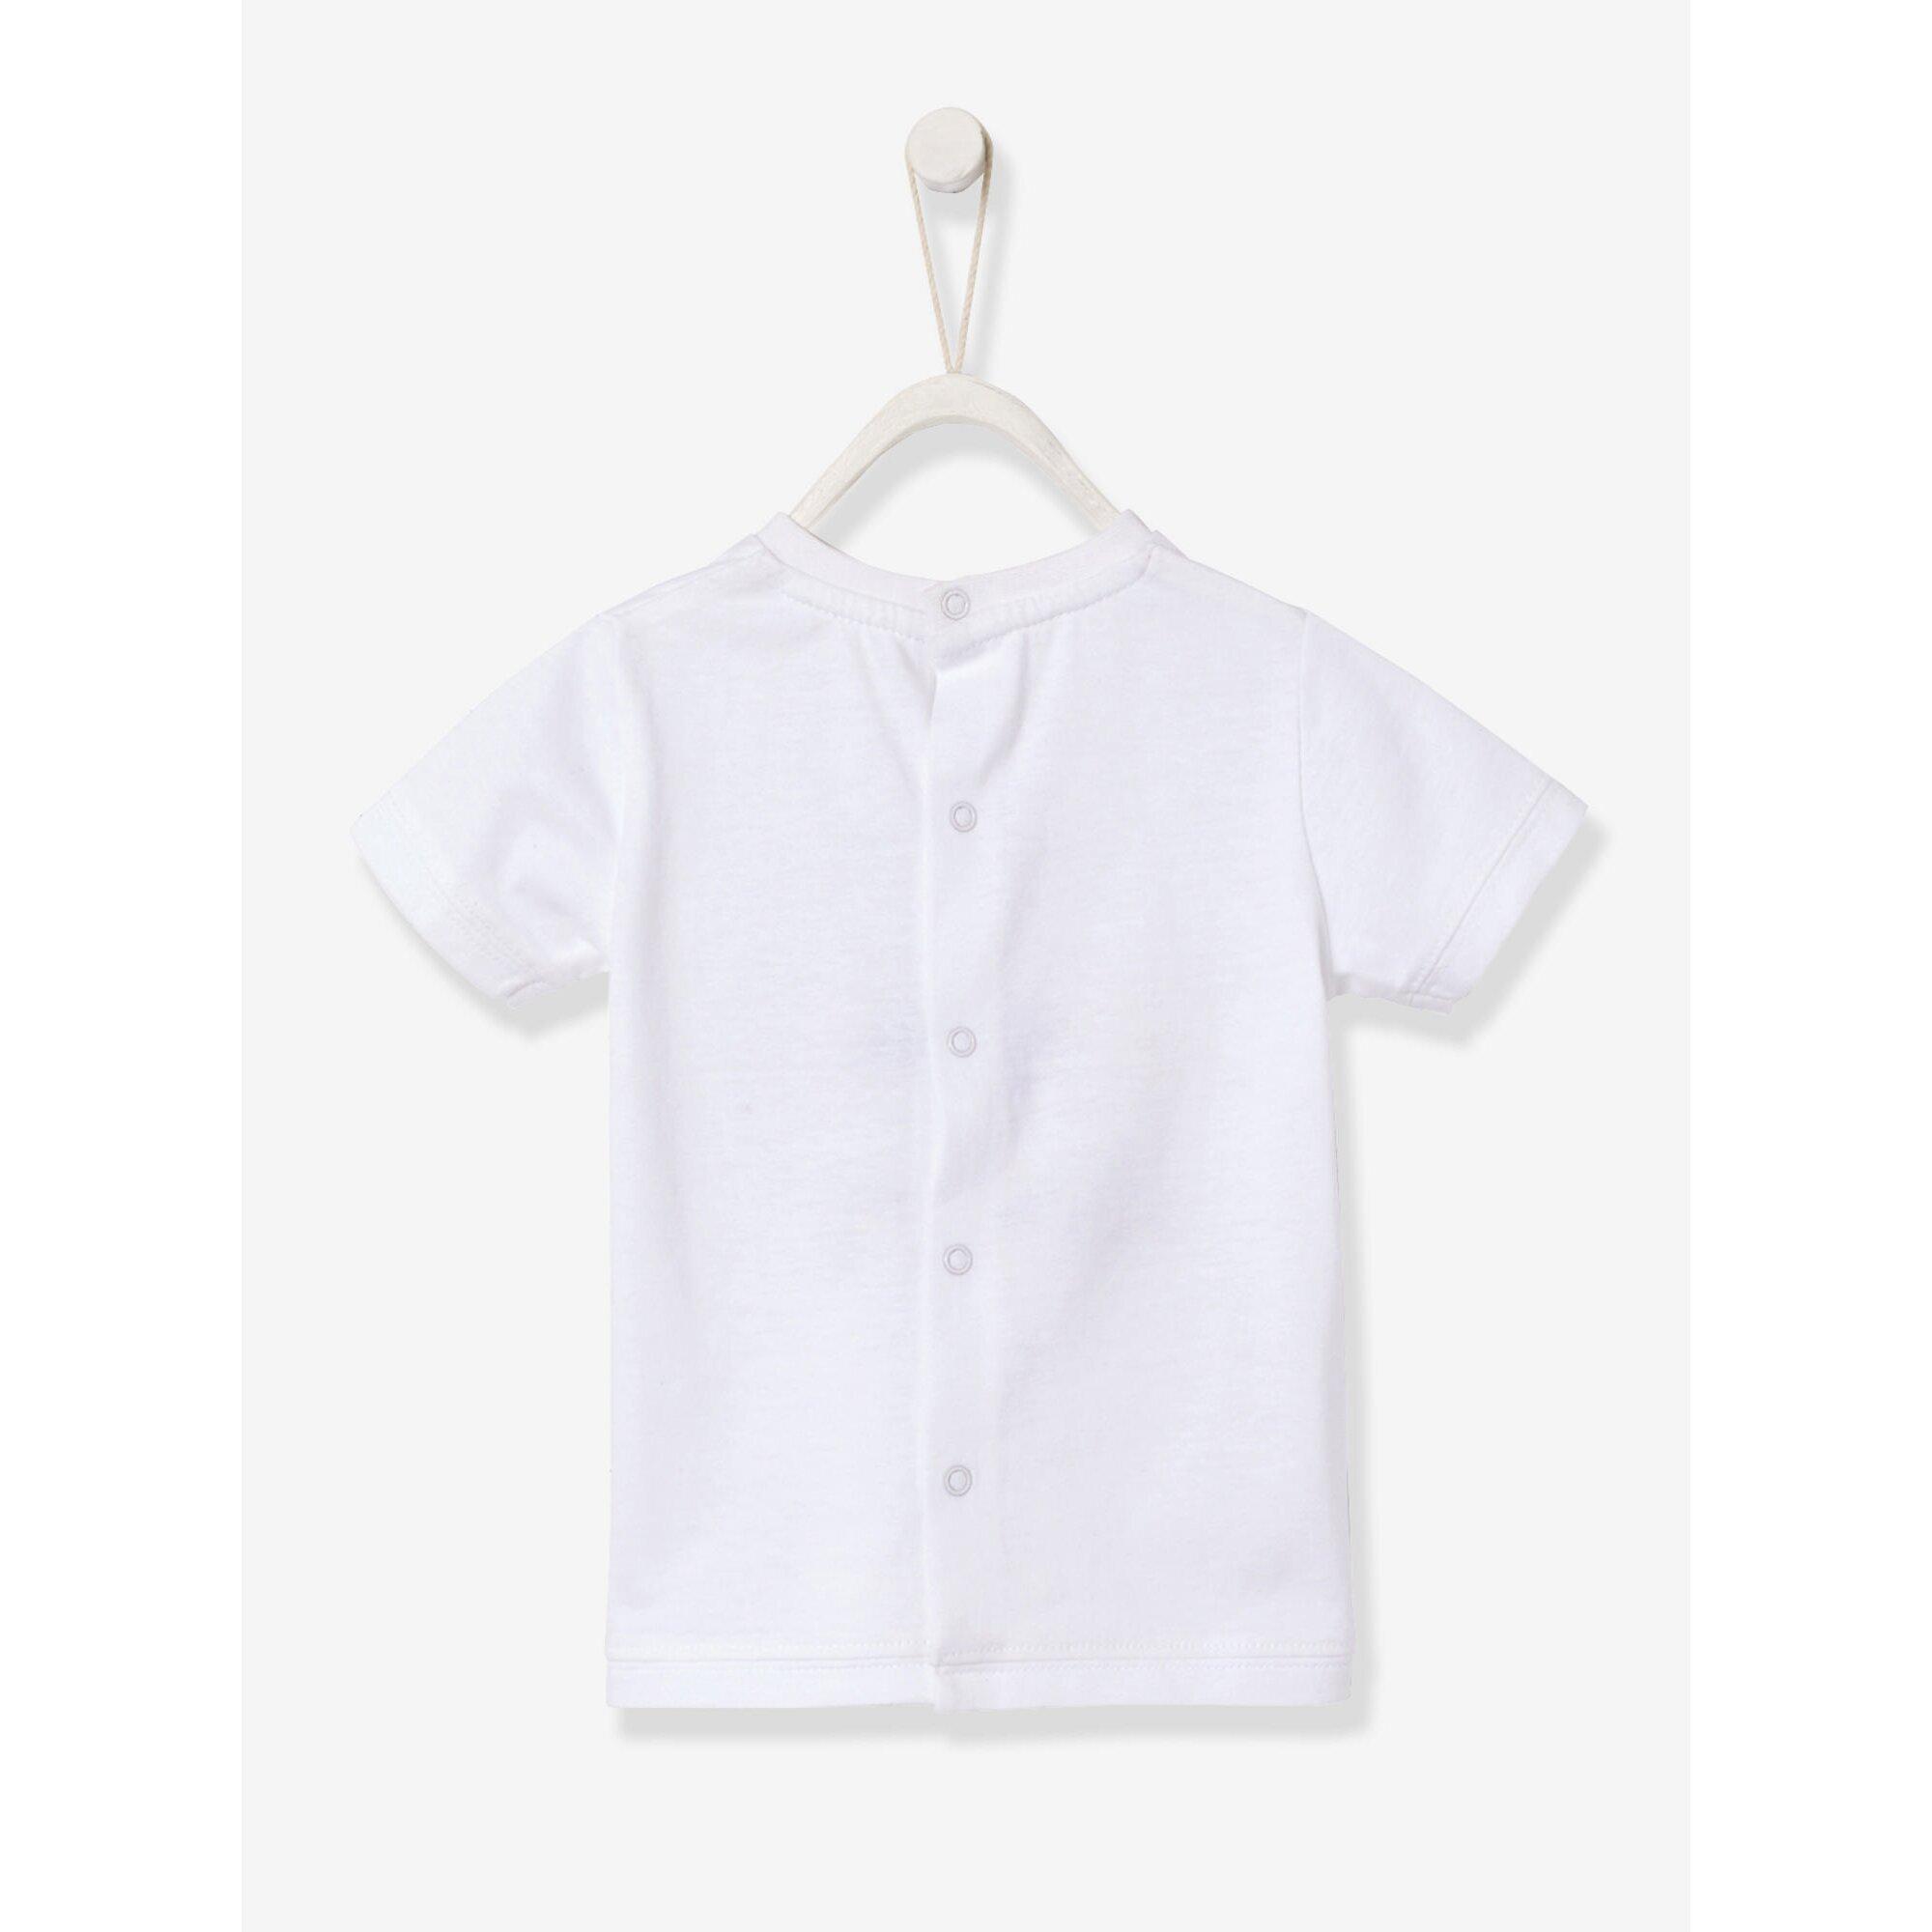 vertbaudet-jungen-shirt-fur-babys-bedruckt